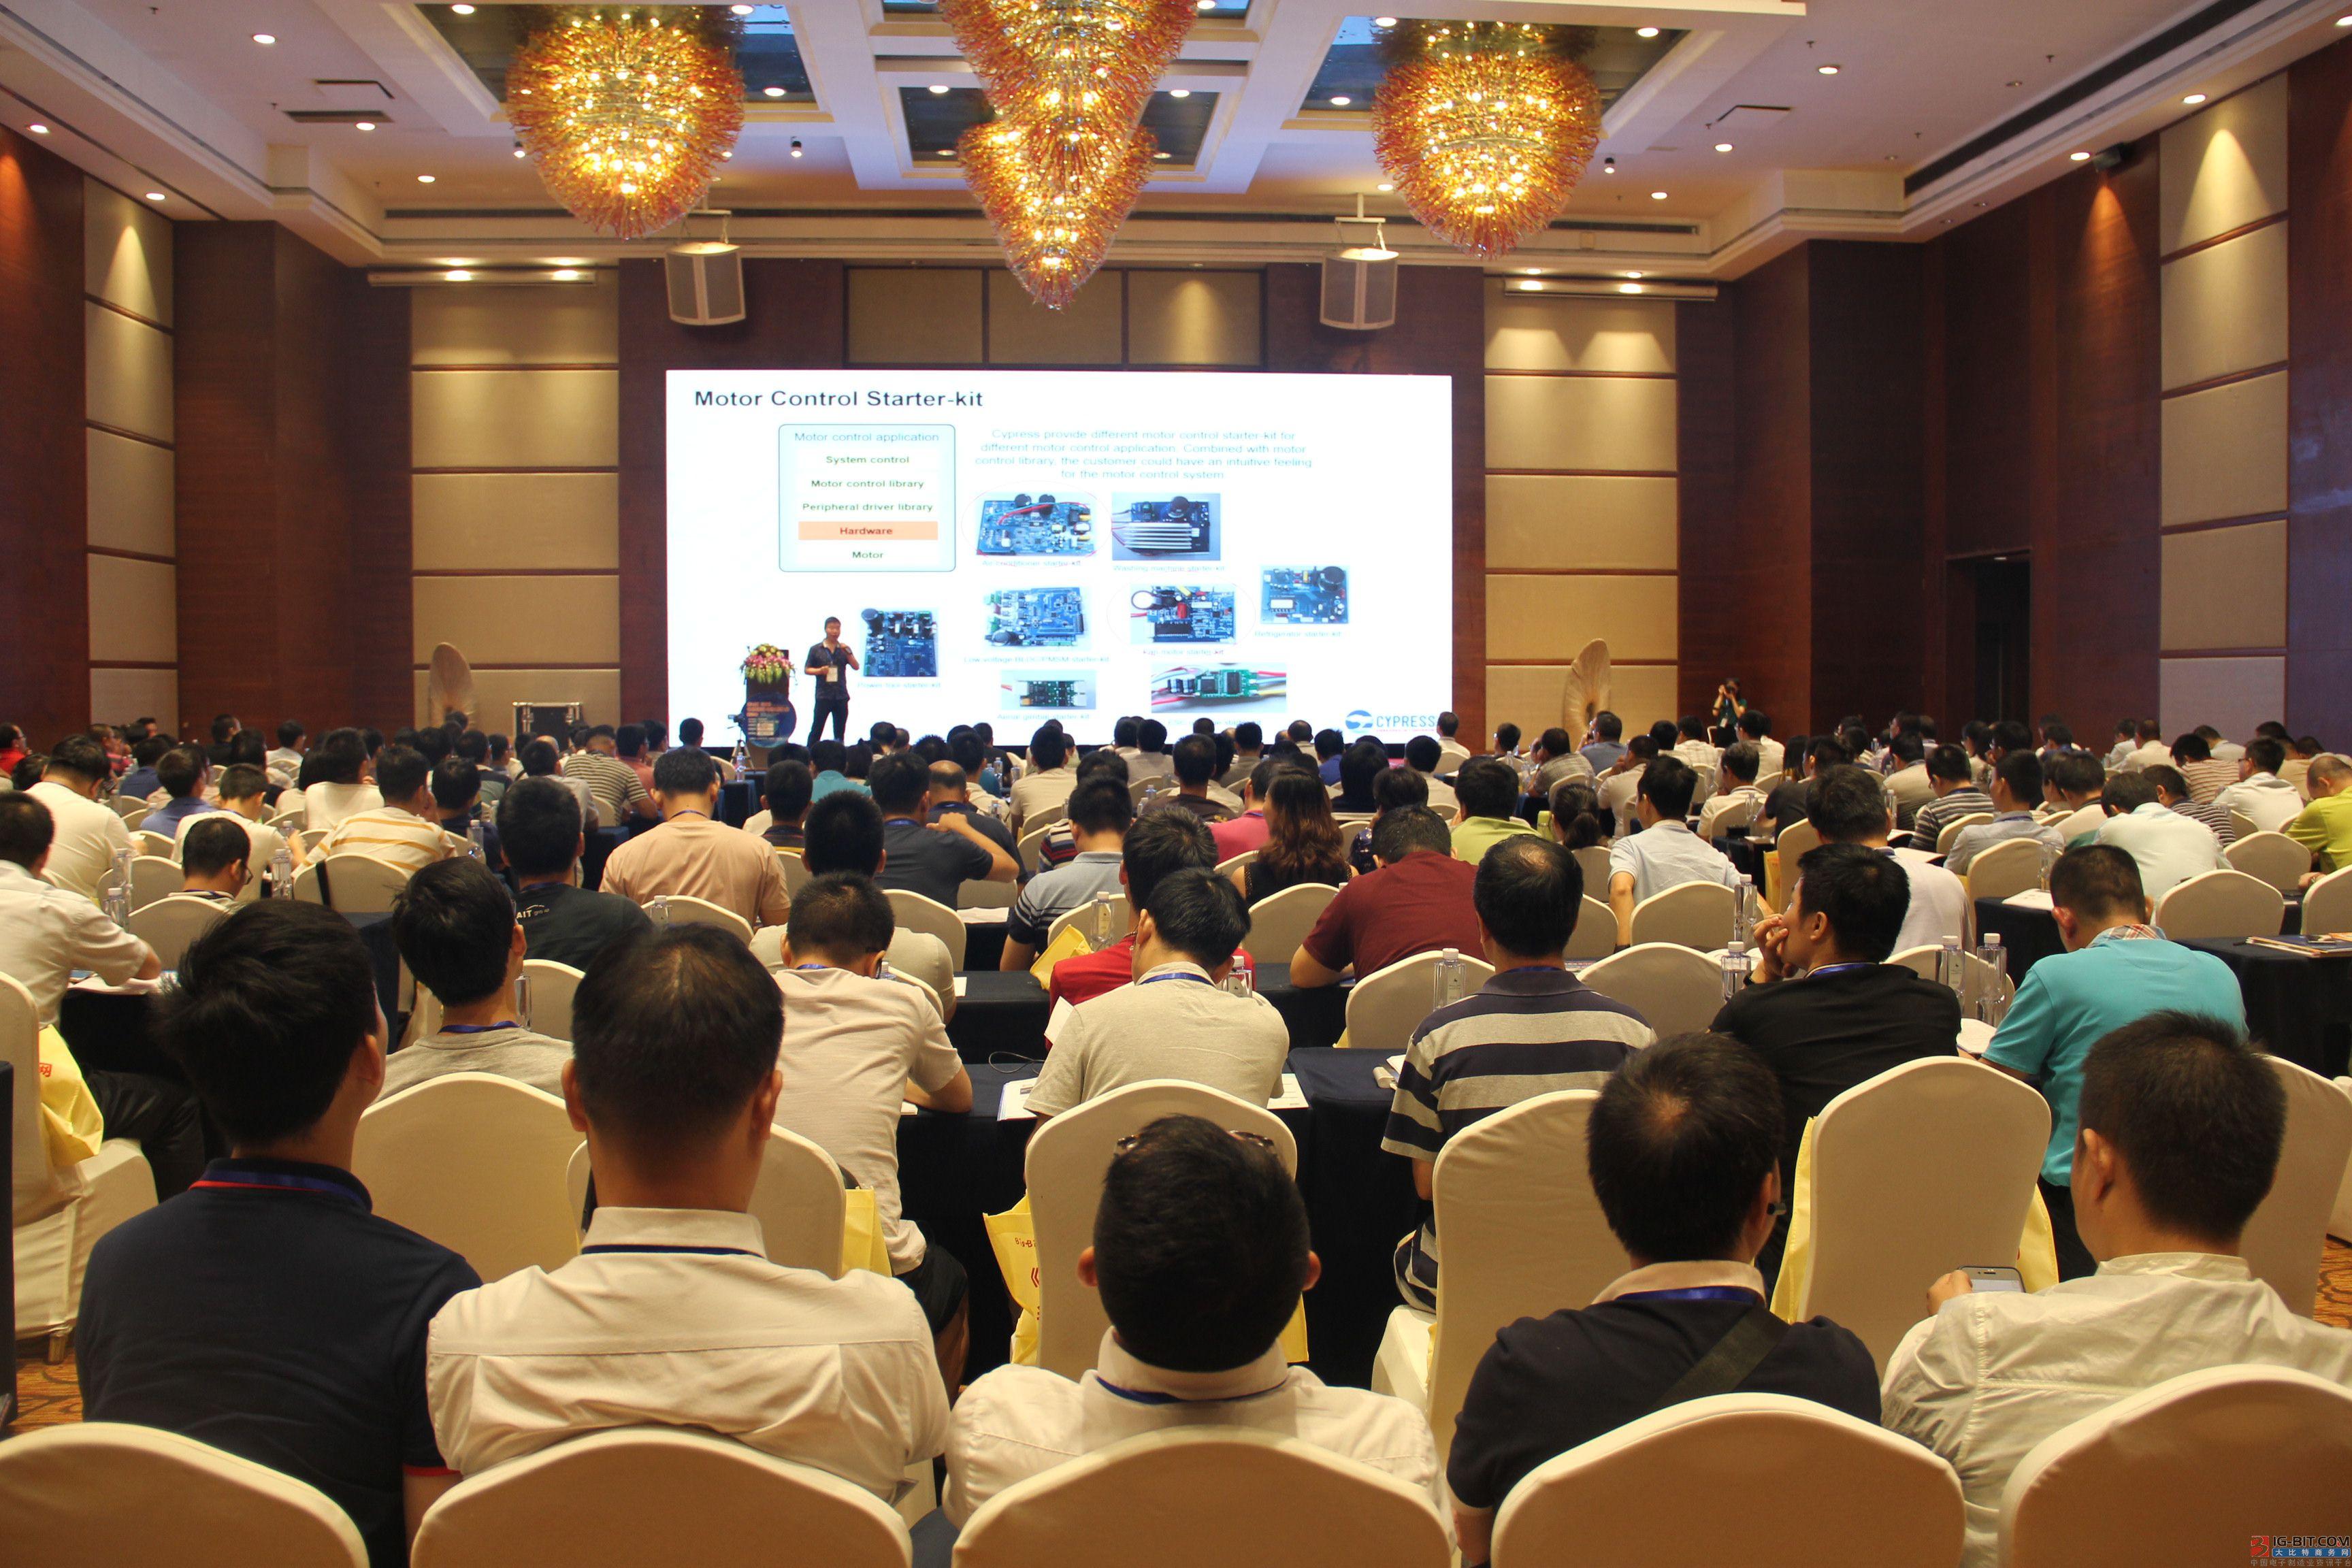 东芝恩智浦等名企齐聚深圳 共同研讨电机驱动与控制技术